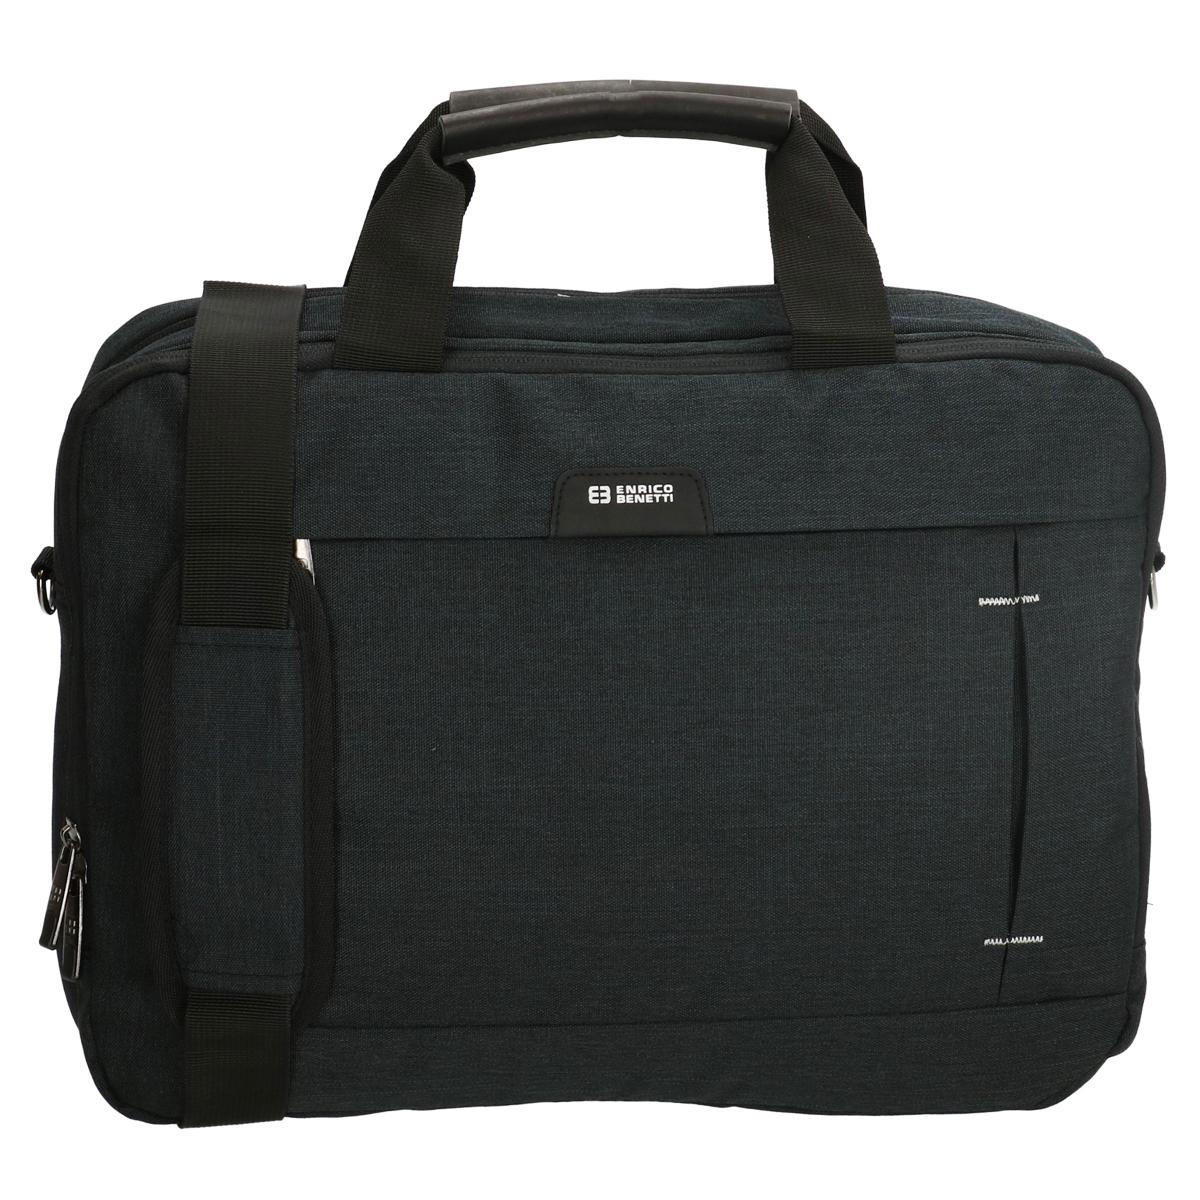 Serviette laptop \'Enrico Benetti\' noir (spécial ordinateur 15\') - 42x39x13 cm - [Q1787]